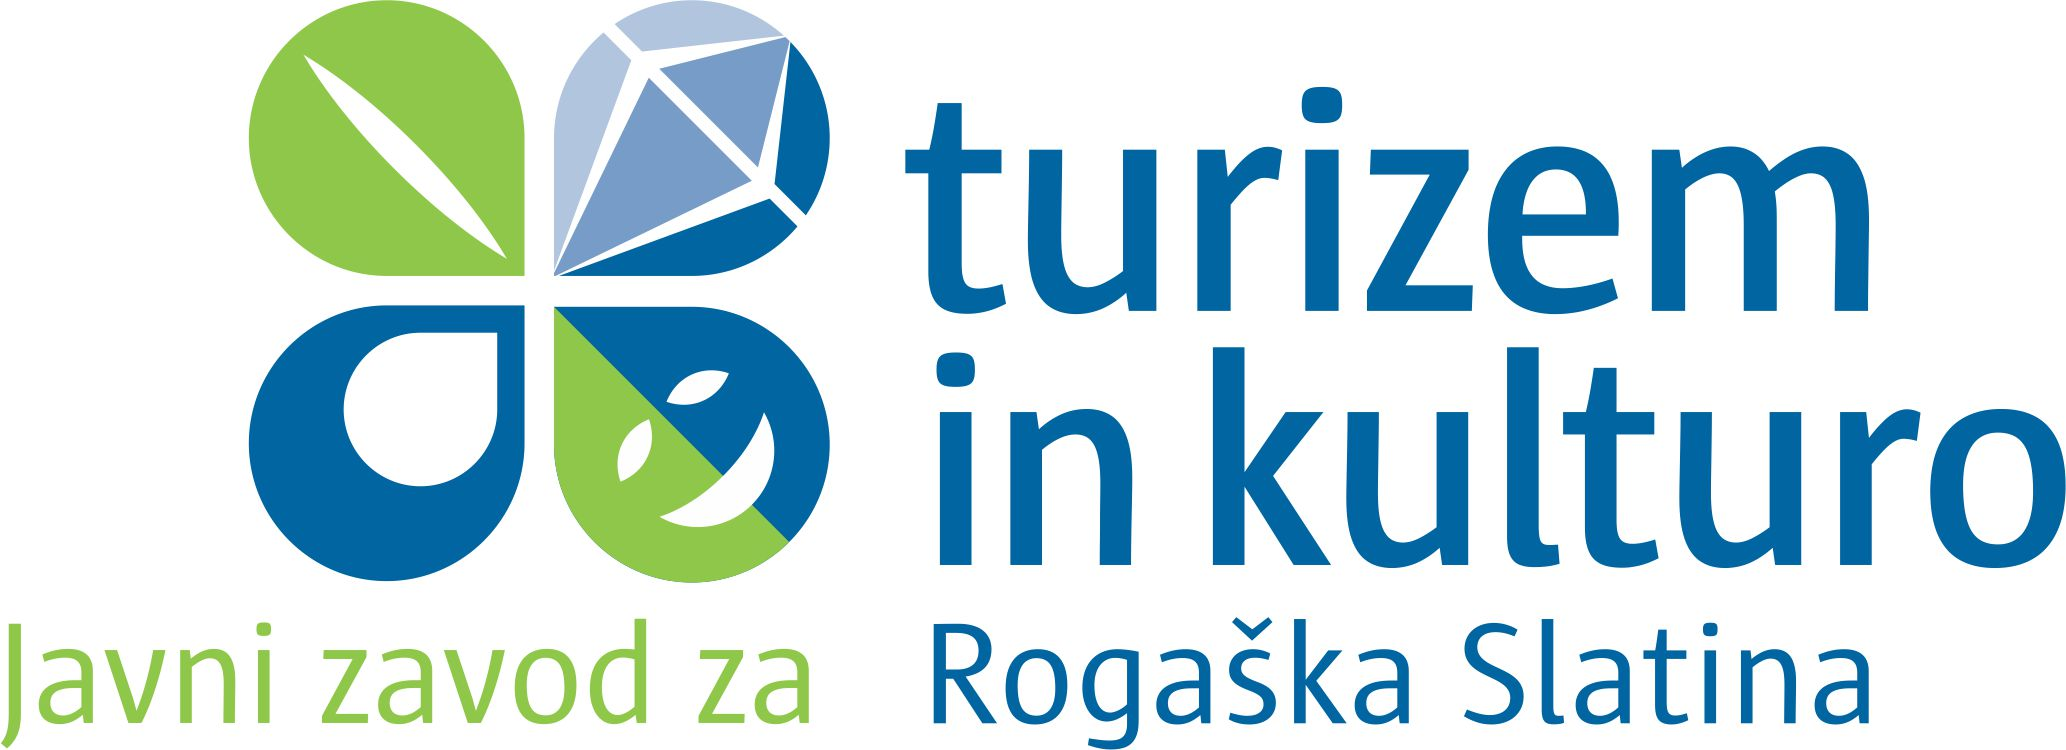 www.rogaska-tourism.com/